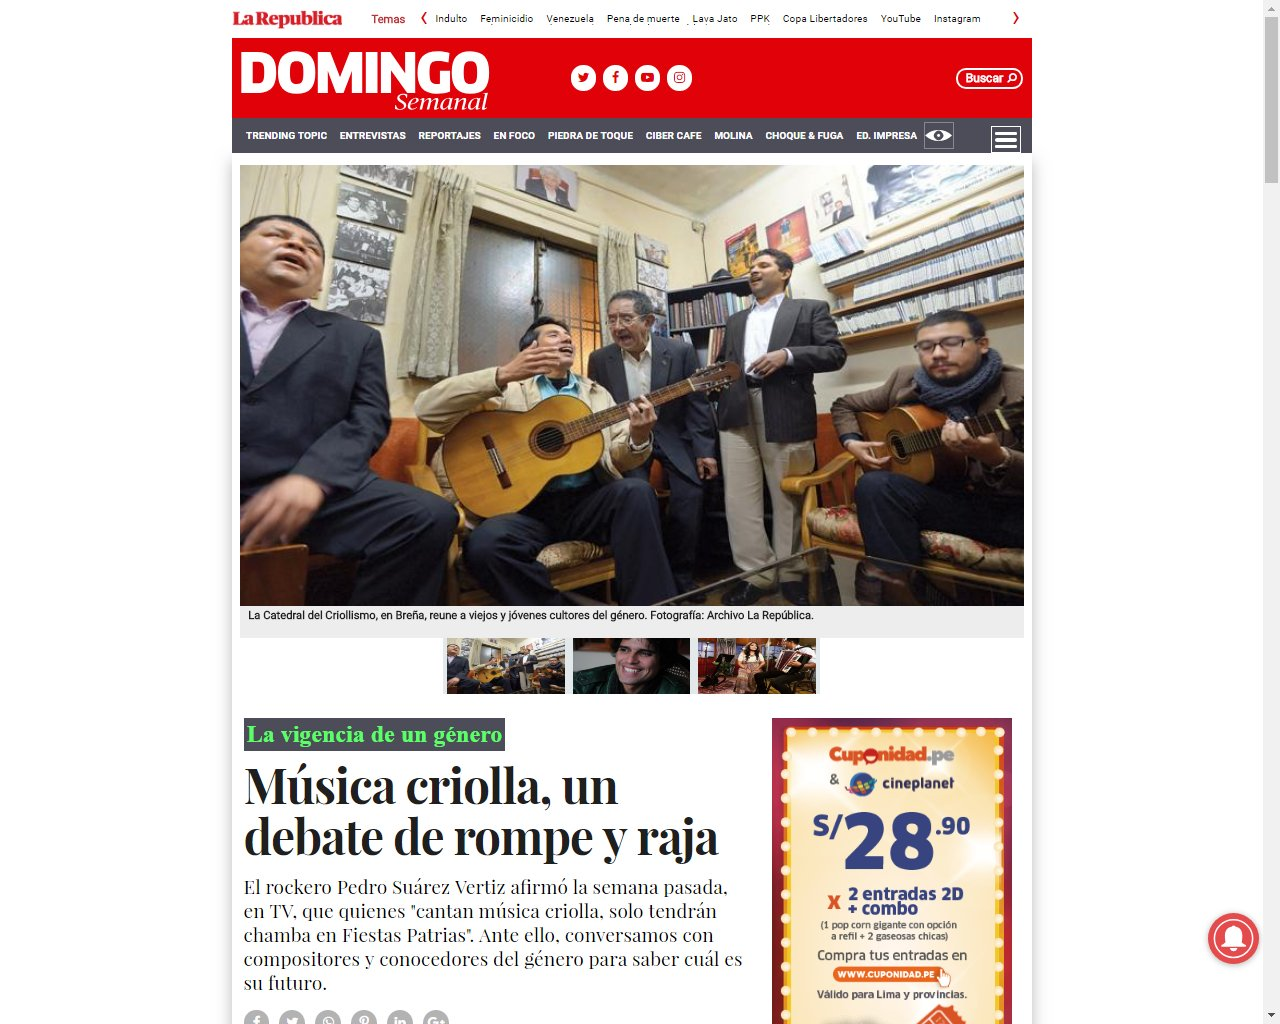 Música criolla, un debate de rompe y raja